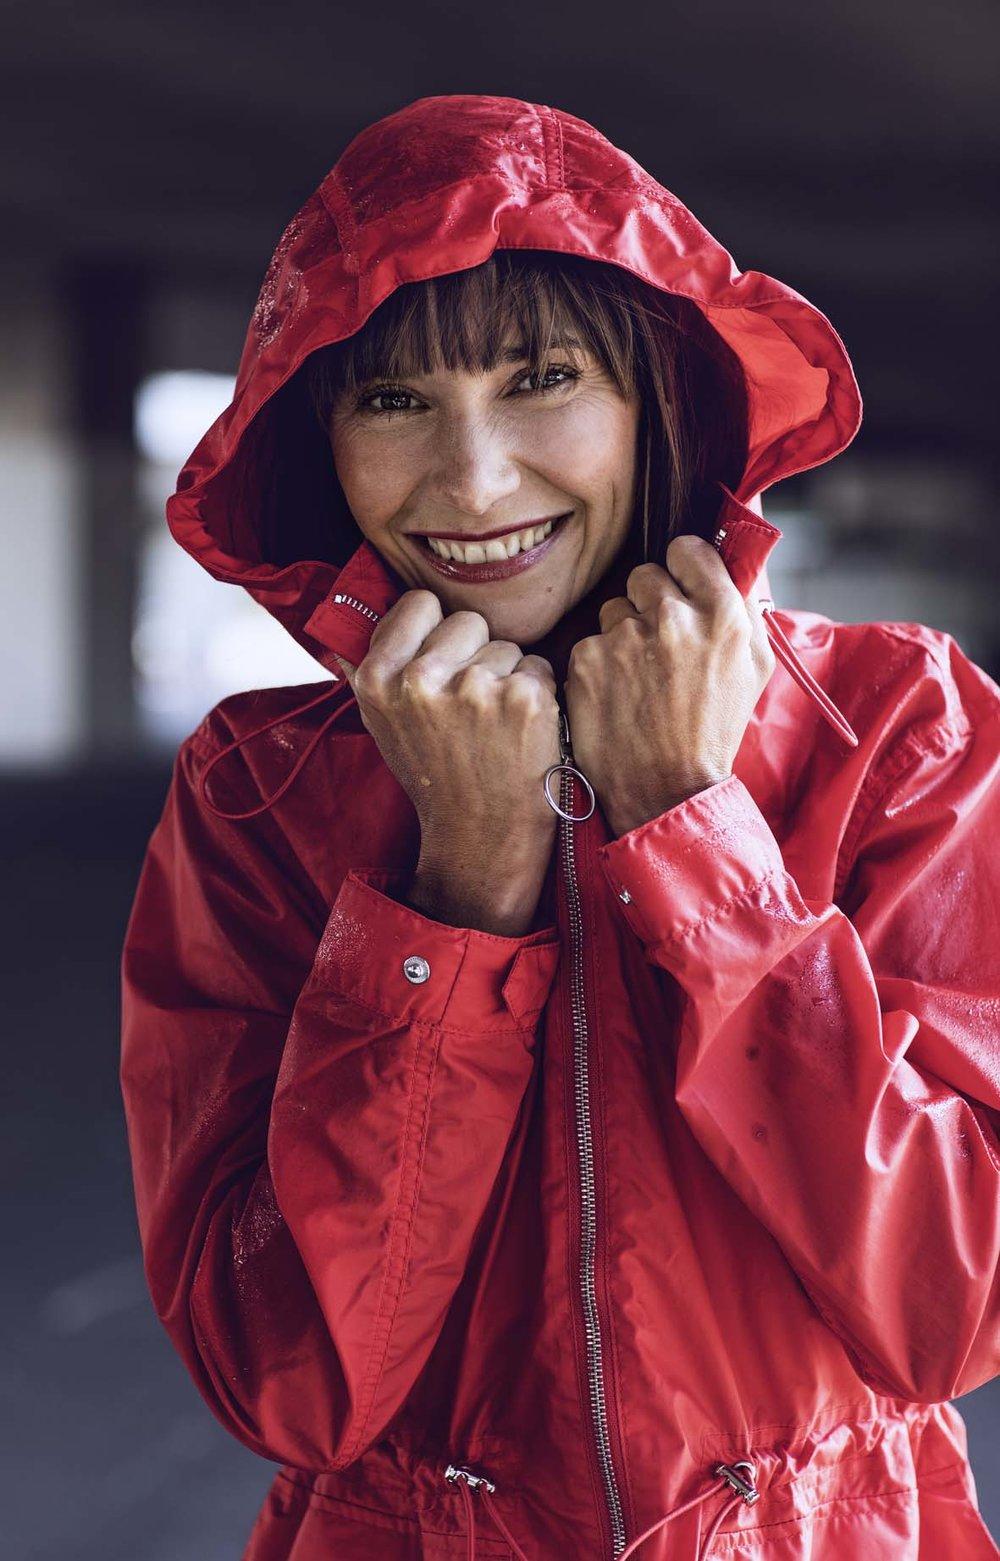 Sportmodel mit Roter Regenjacke